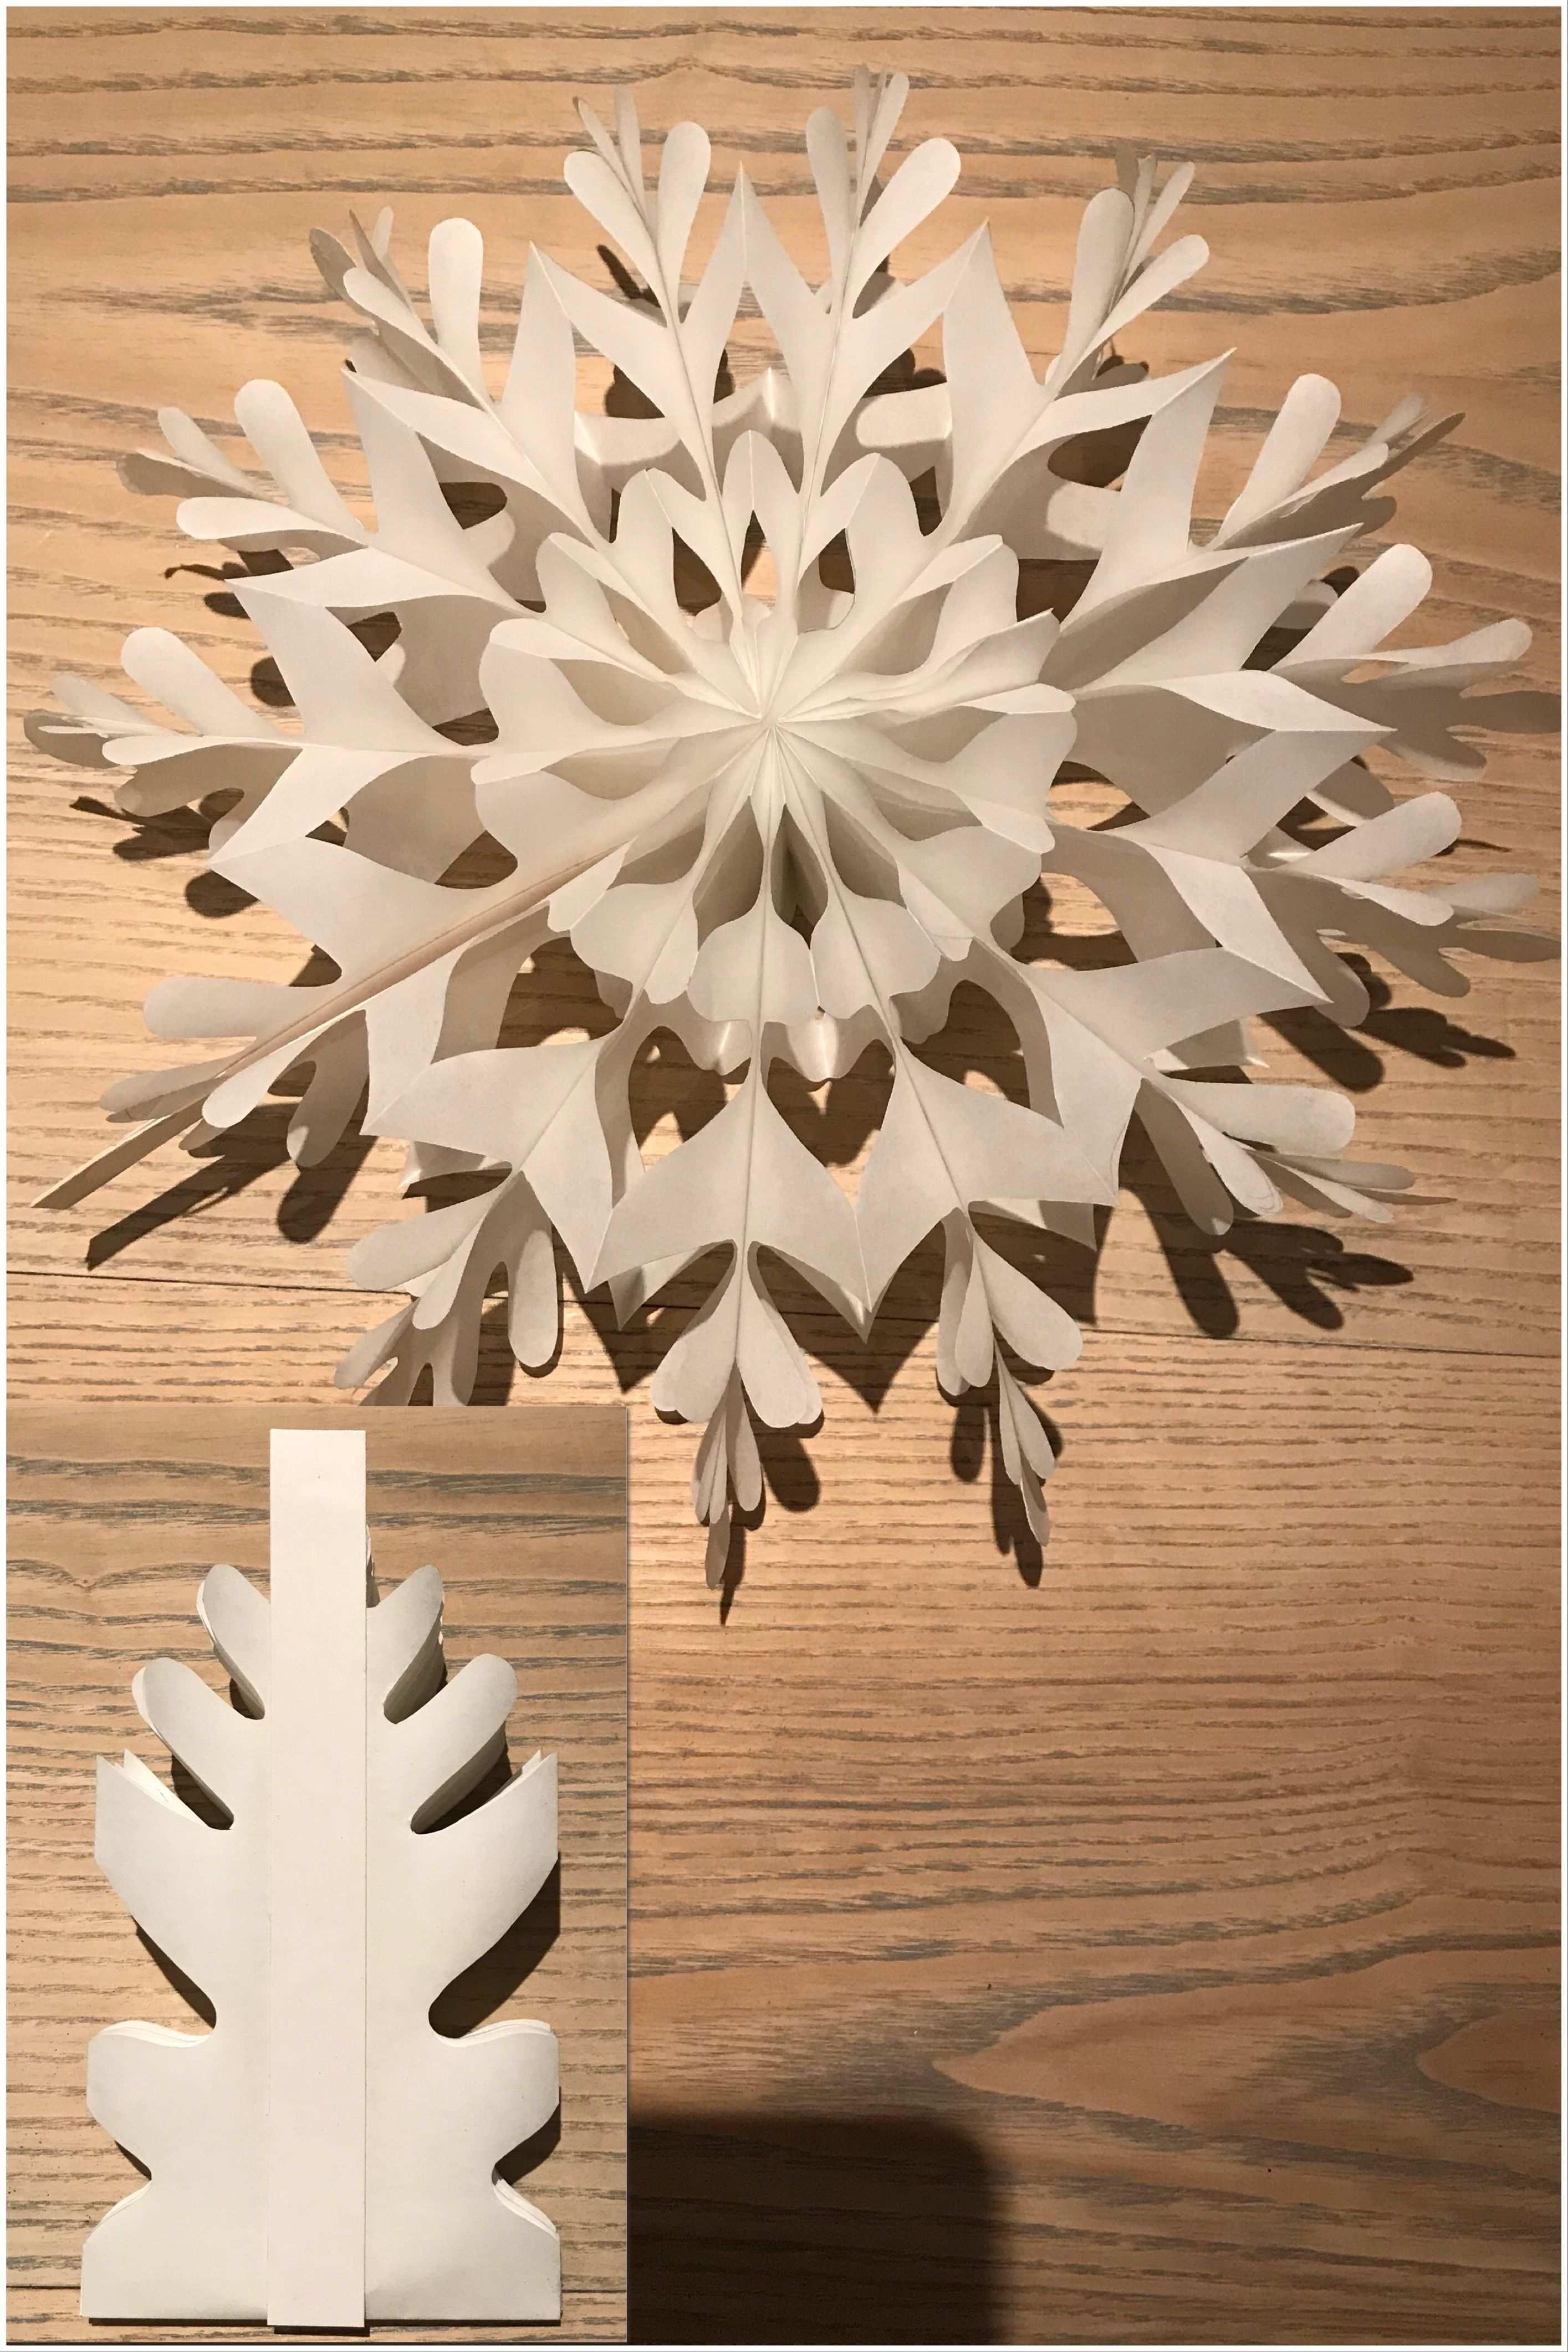 Paper Star Basteln Weihnachten Basteln Weihnachten Papier Weihnachtsbasteln